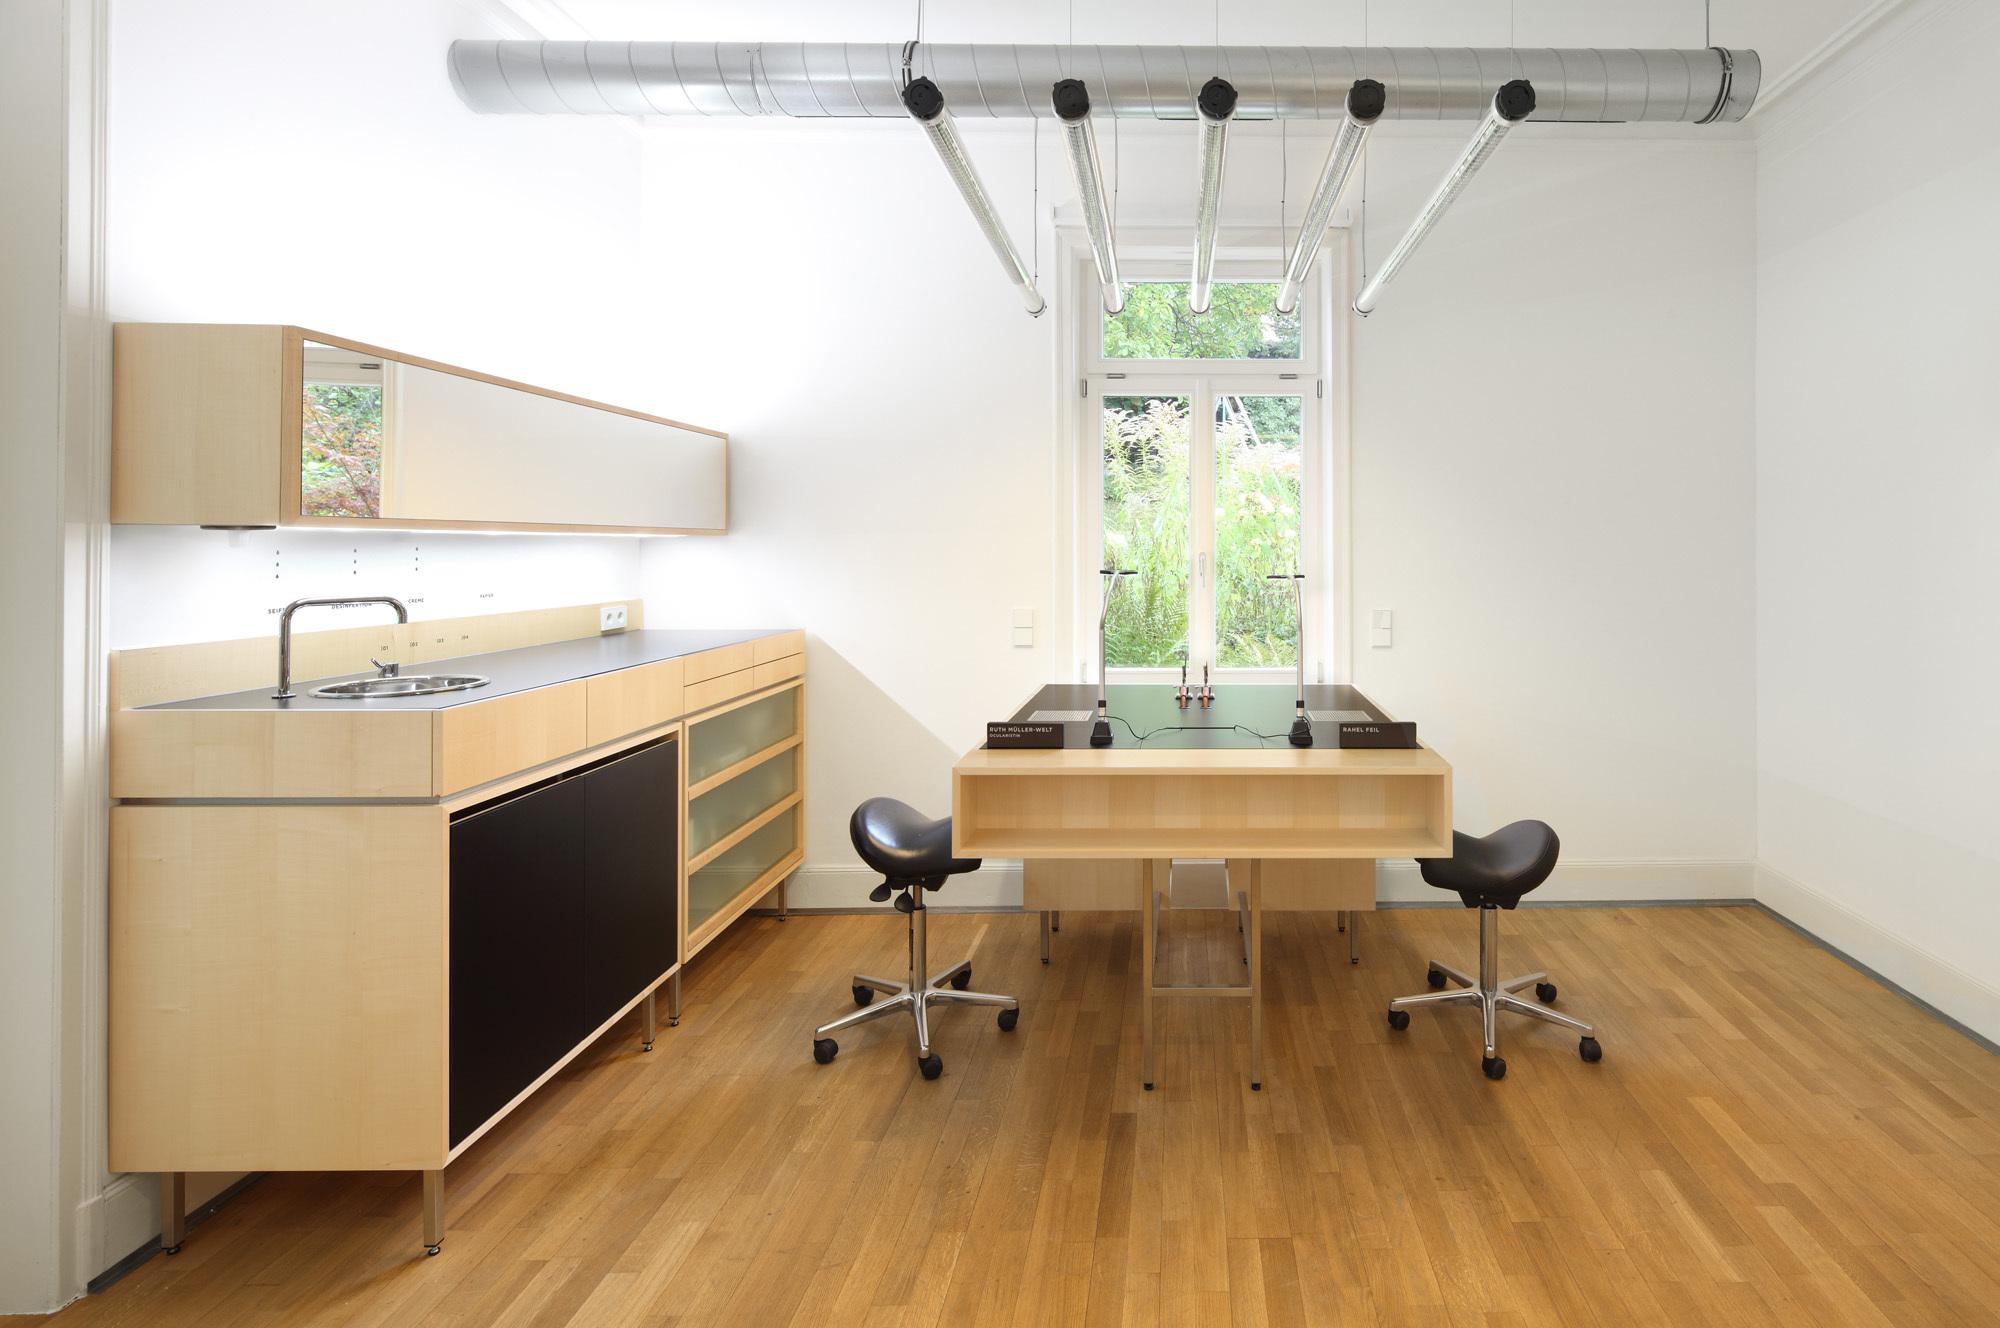 aqui-architekturfotografie / Antje Quiram